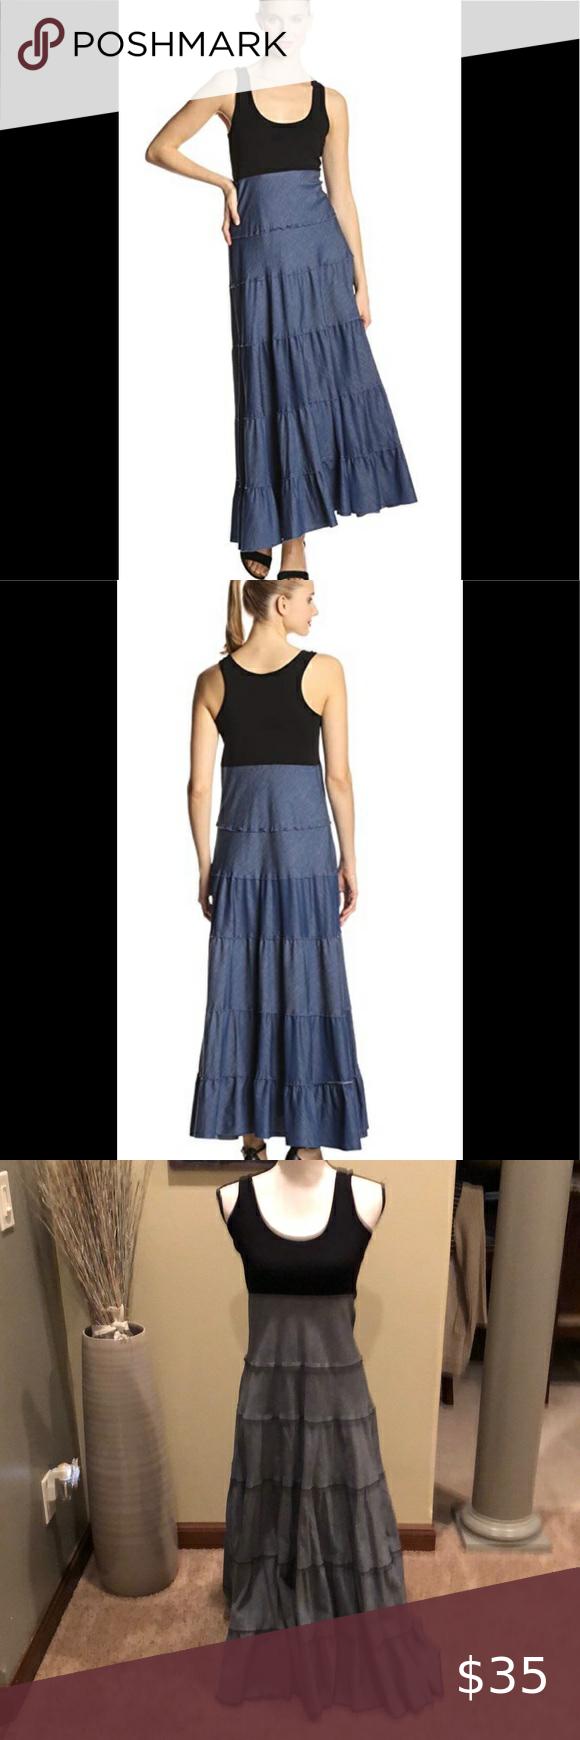 Karen Kane Chambray Denim Tiered Maxi Dress Xs Tiered Maxi Dress Maxi Tank Dress Maxi Dress [ 1740 x 580 Pixel ]